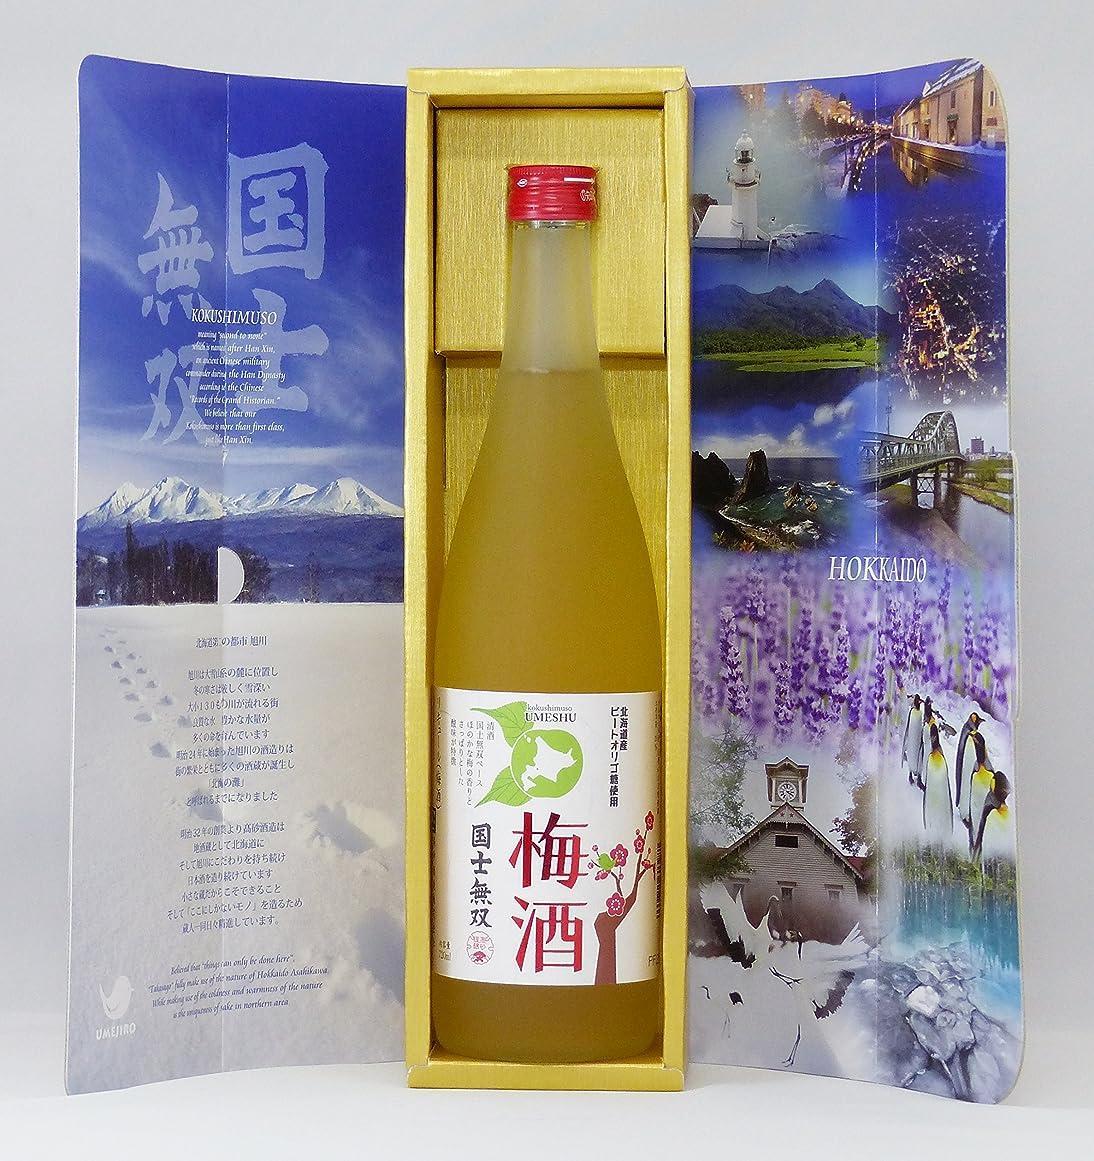 レインコート凍るコークス高砂酒造 国士無双 梅酒 カートン入 720ml